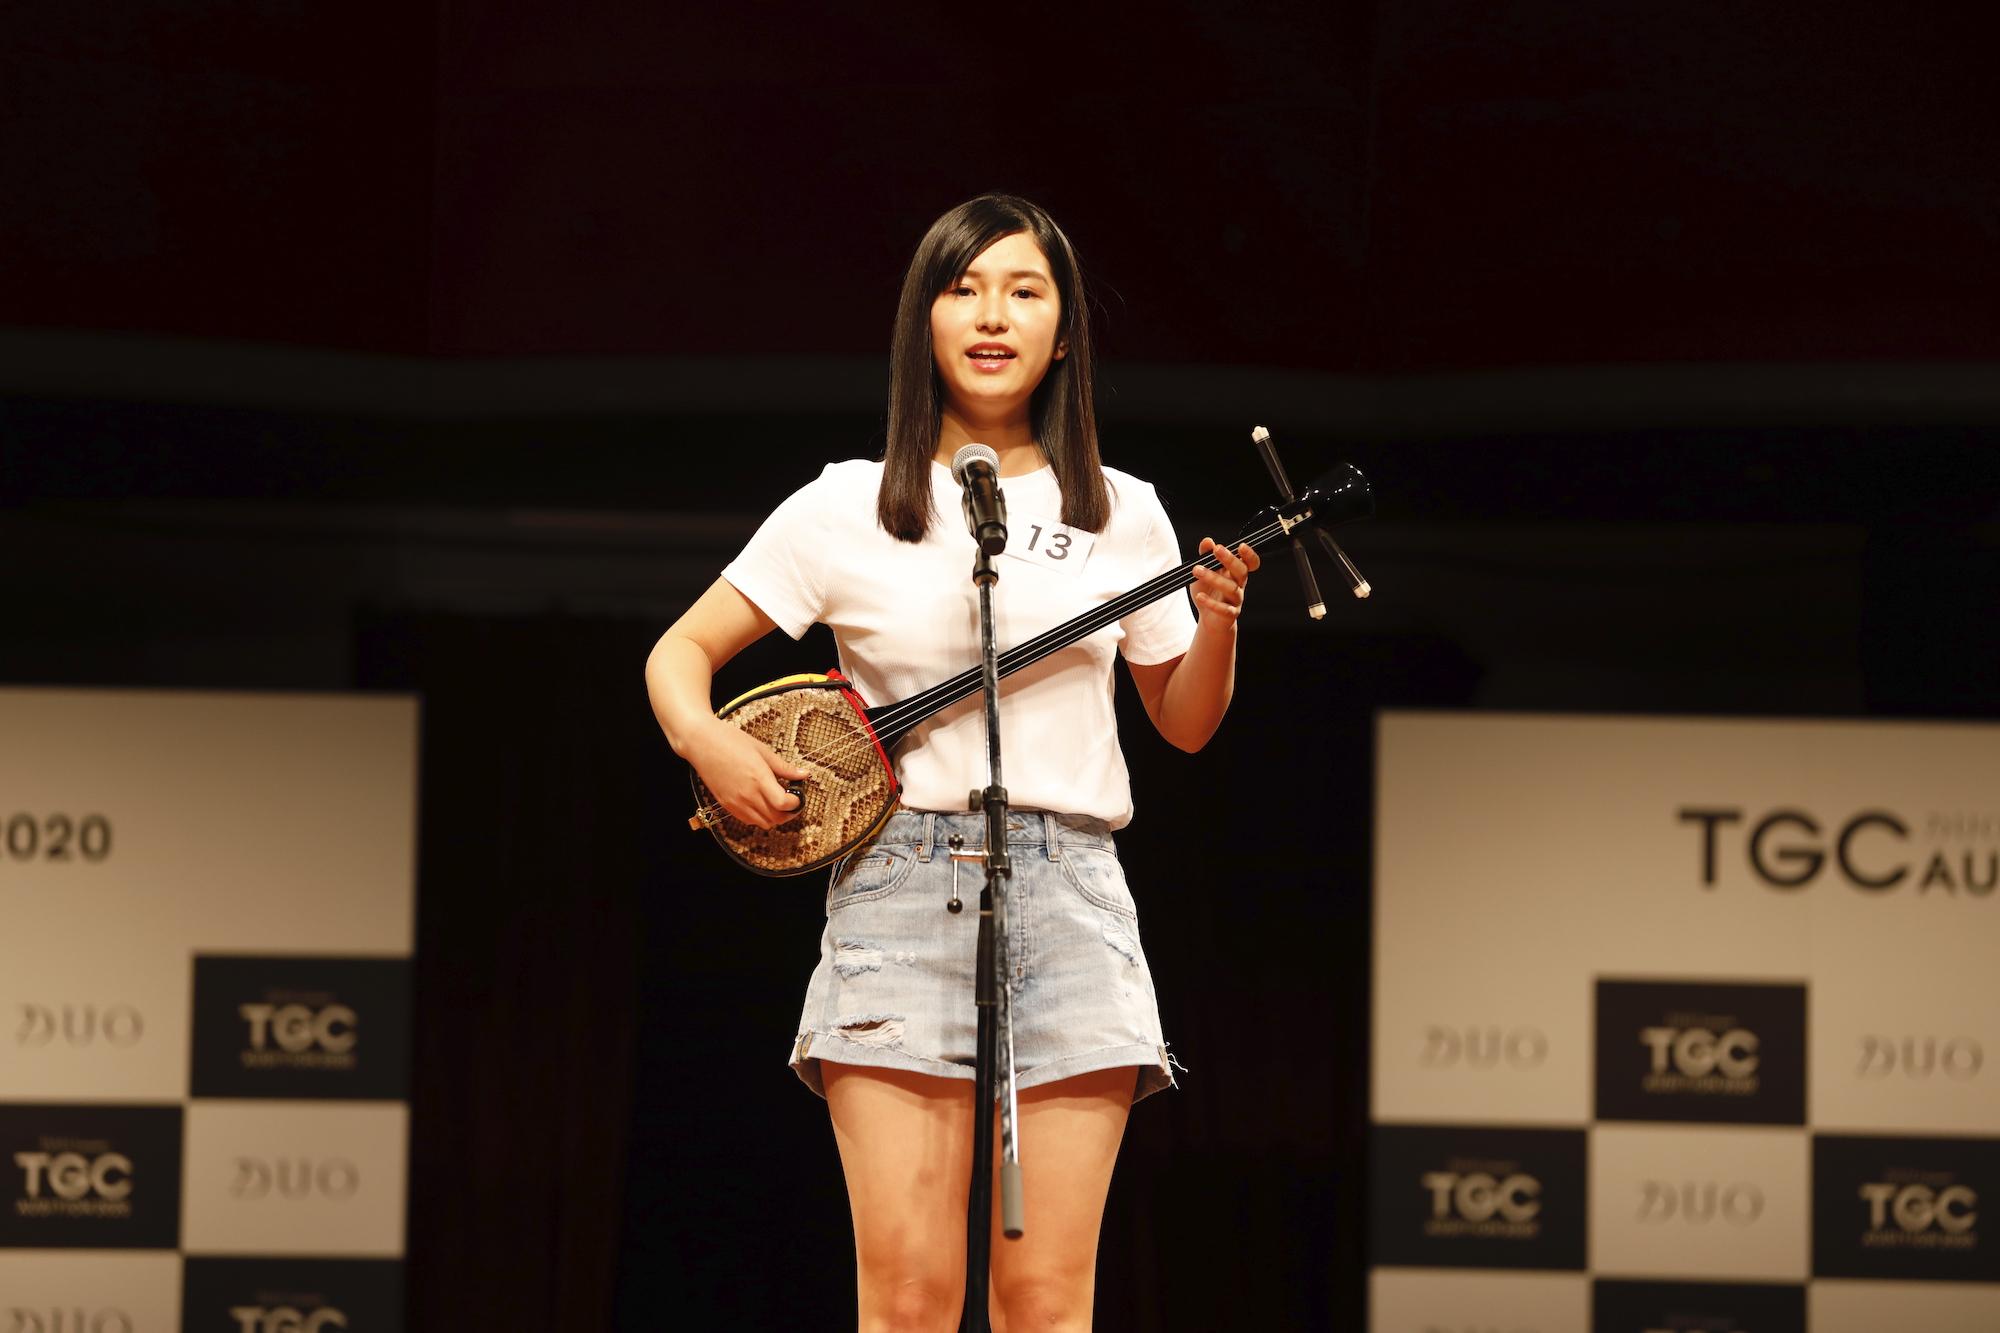 朝倉百/2020年2月9日(日)、東京・品川プリンスホテル クラブeXにて開催された『DUO presents TGC AUDITION 2020』の公開ドラフト会議にて